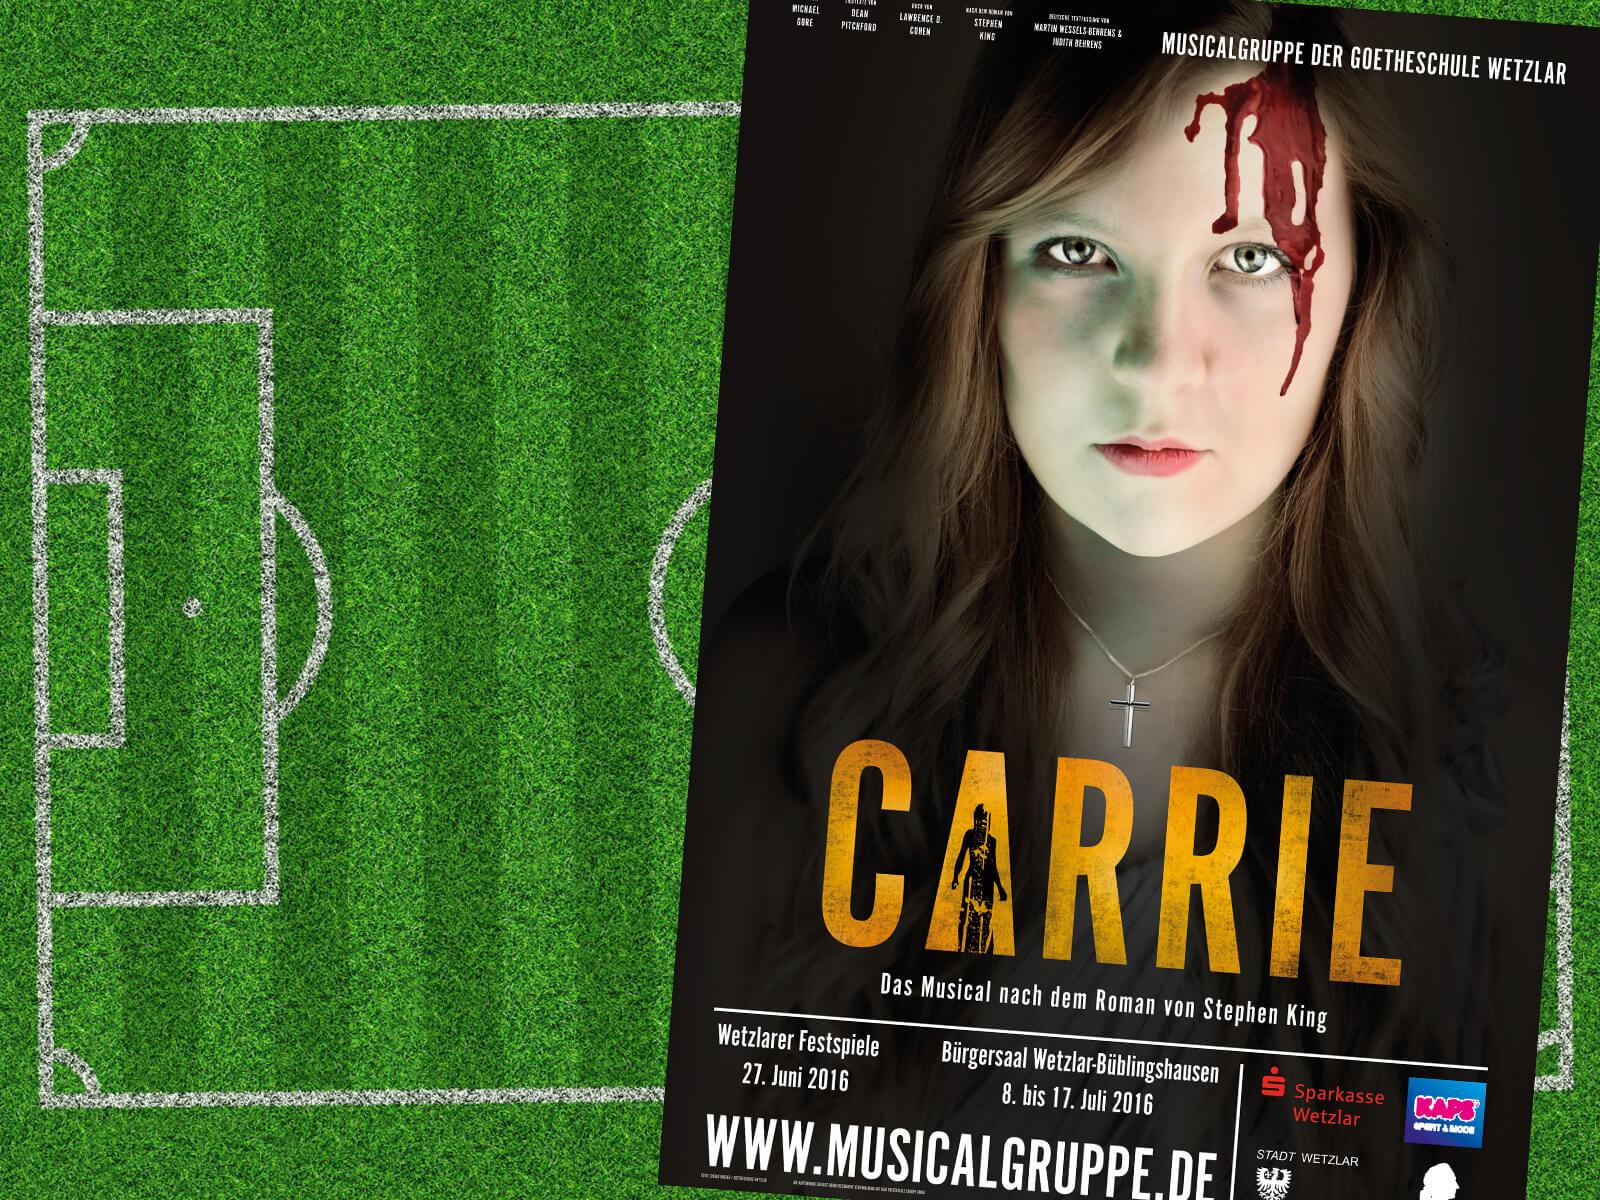 CARRIE und die Fußball-EM